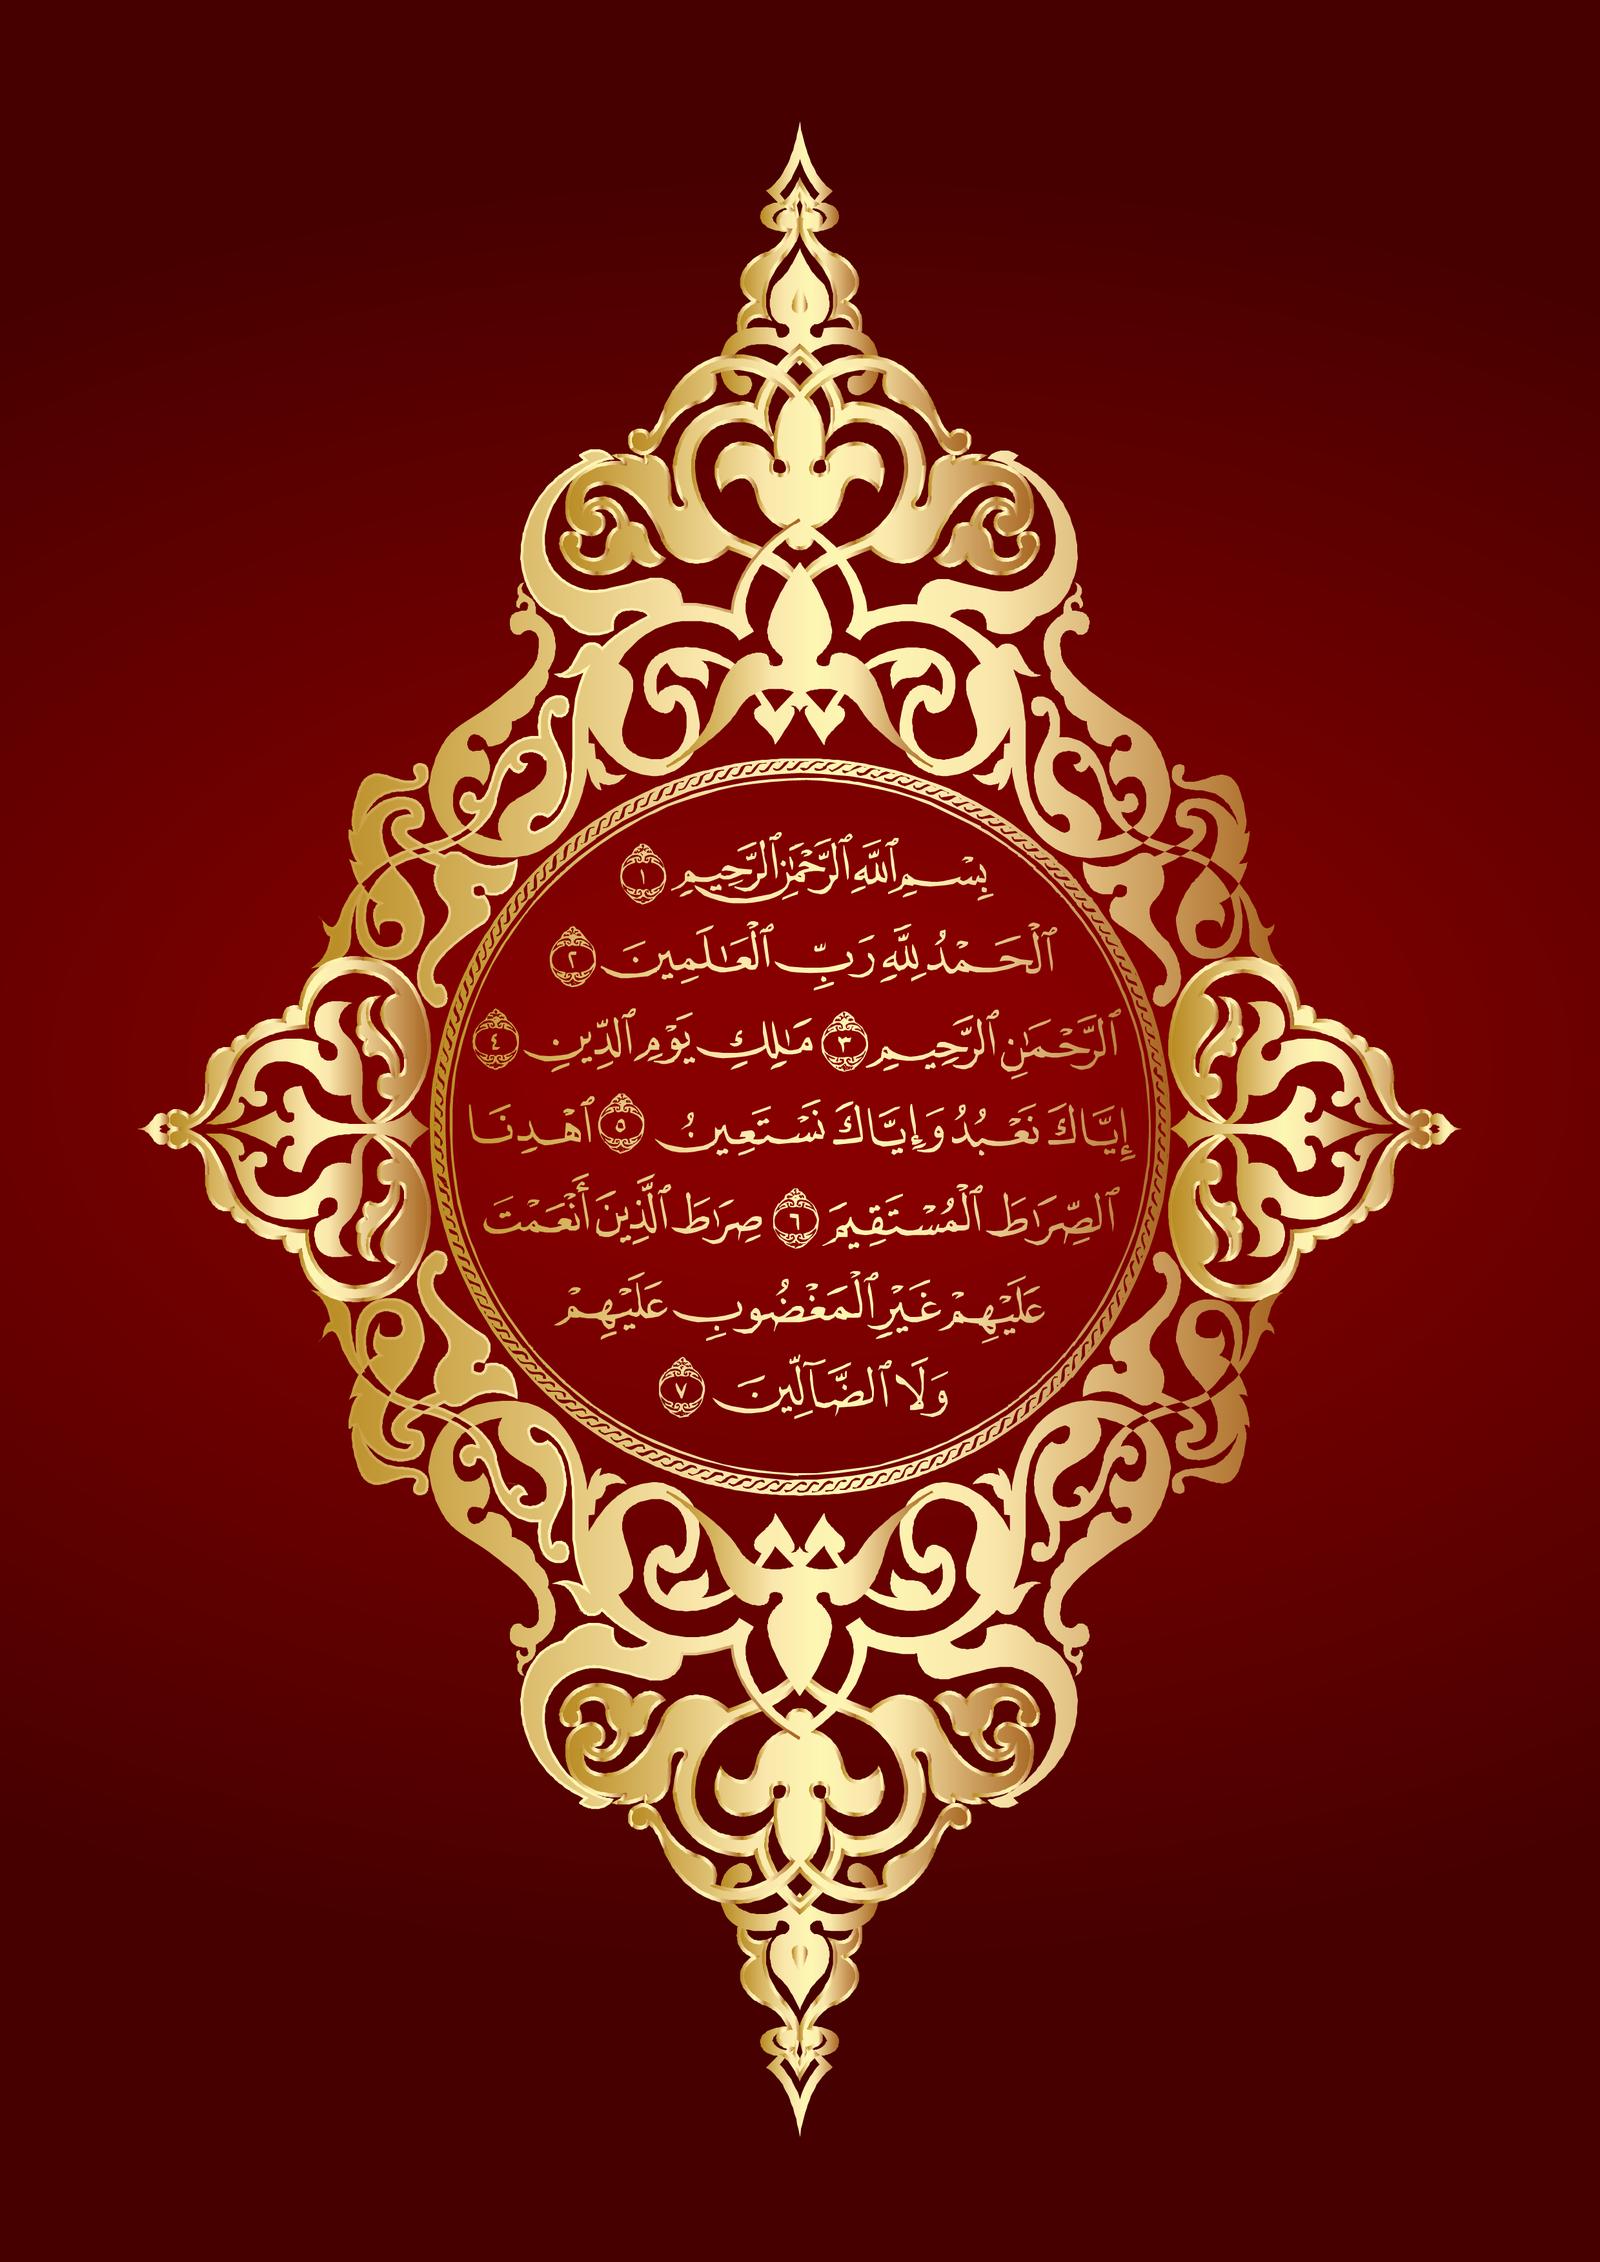 Quran Fatiha arabic typography القرآن الفاتحة (Görüntüler